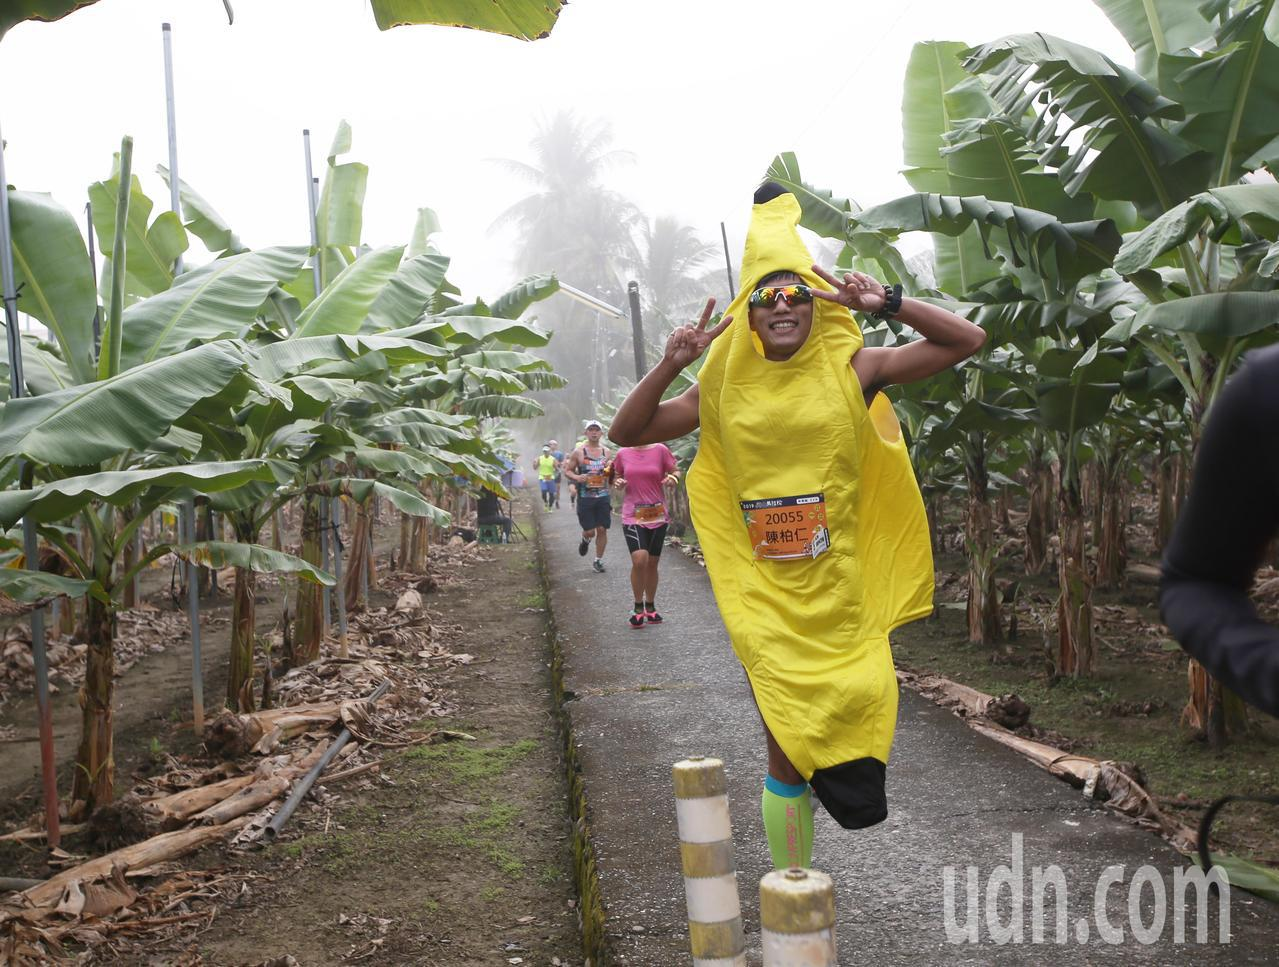 第三屆旗山香蕉馬拉松今晨開跑,全台超過5000位跑友齊聚旗山,還有人特意裝扮前來...